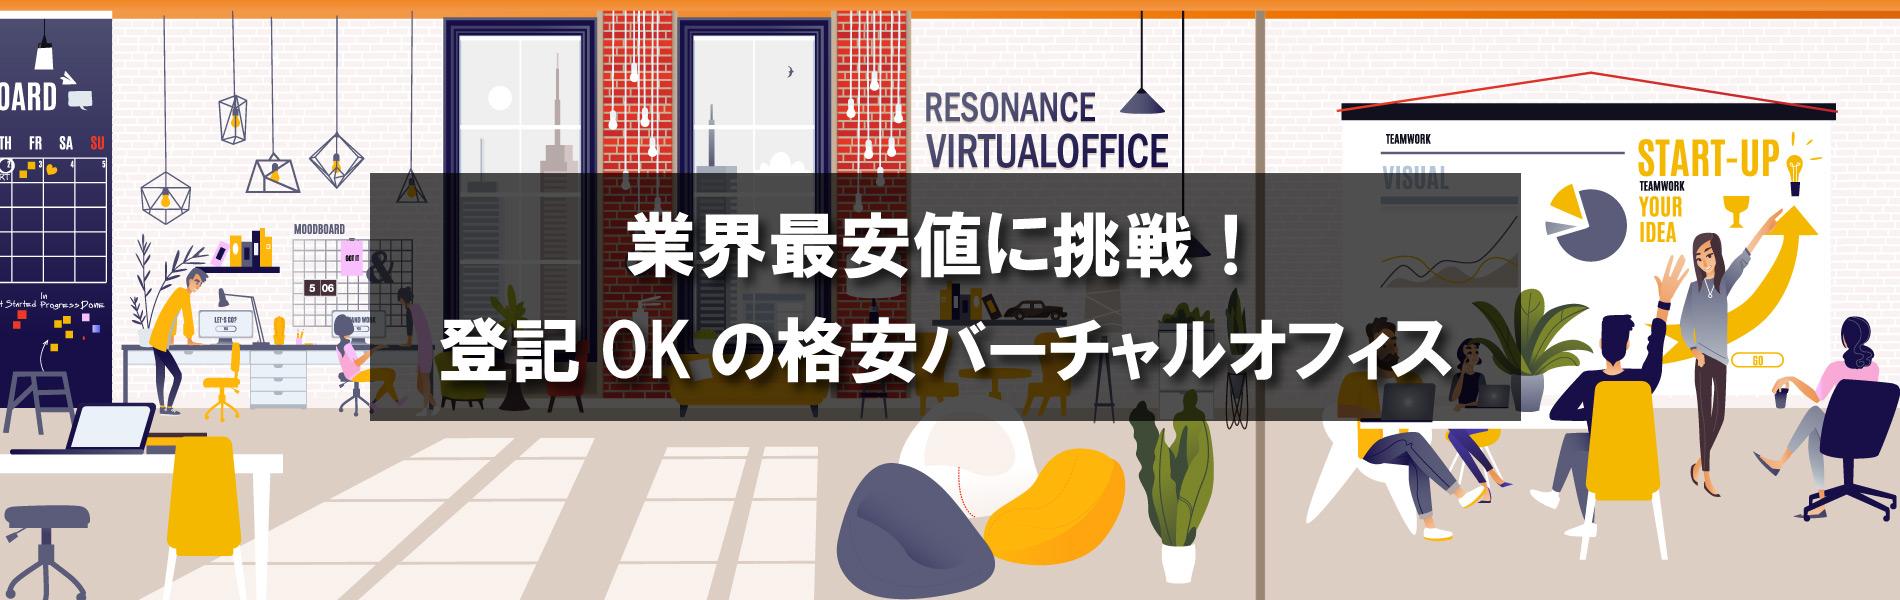 業界最安値に挑戦。登記OKのバーチャルオフィス